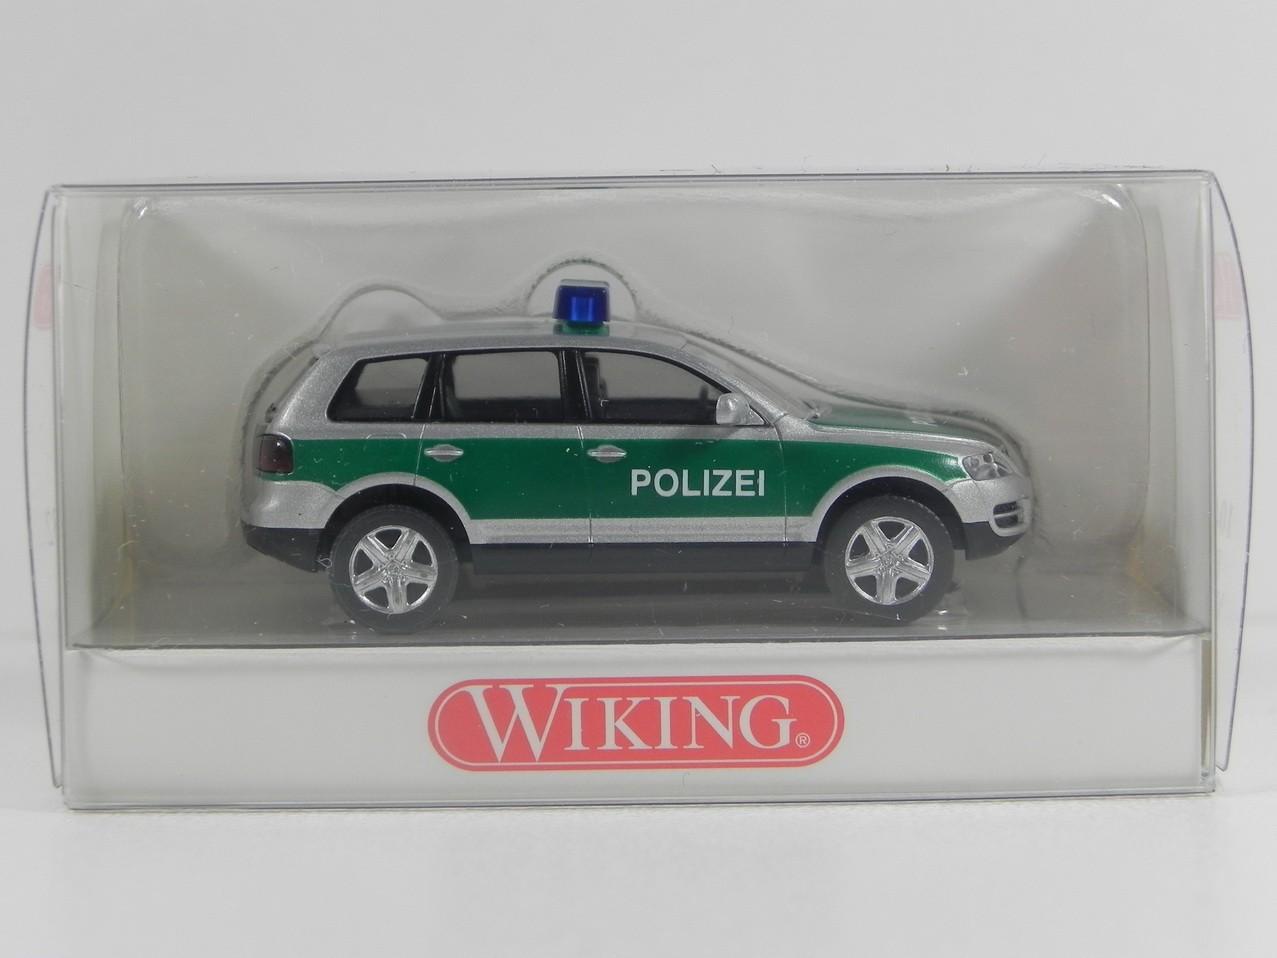 Wiking VW Touareg Polizei (Restmenge)